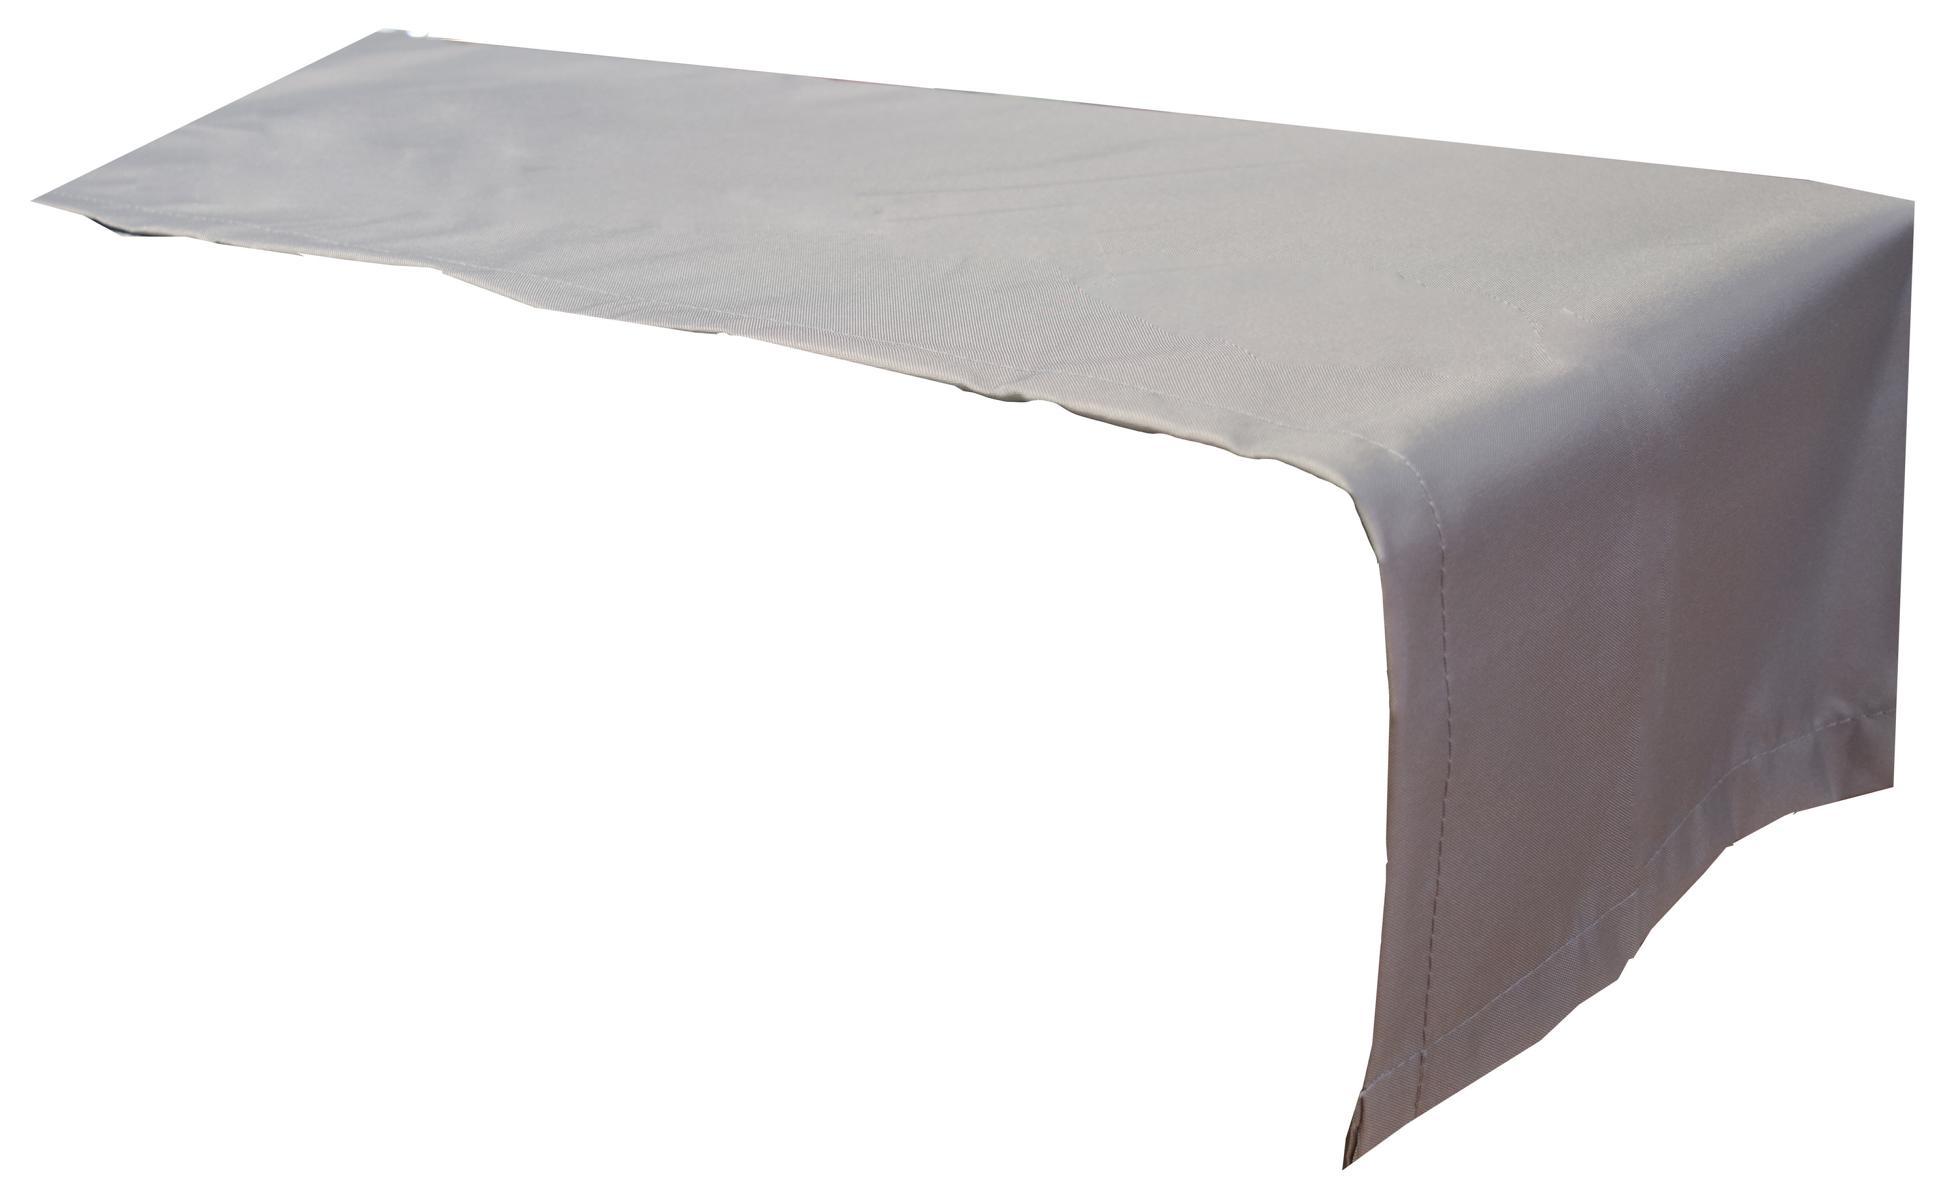 Tischläufer 120x45 cm wasserabweisend 100% Polyester in hellgrau